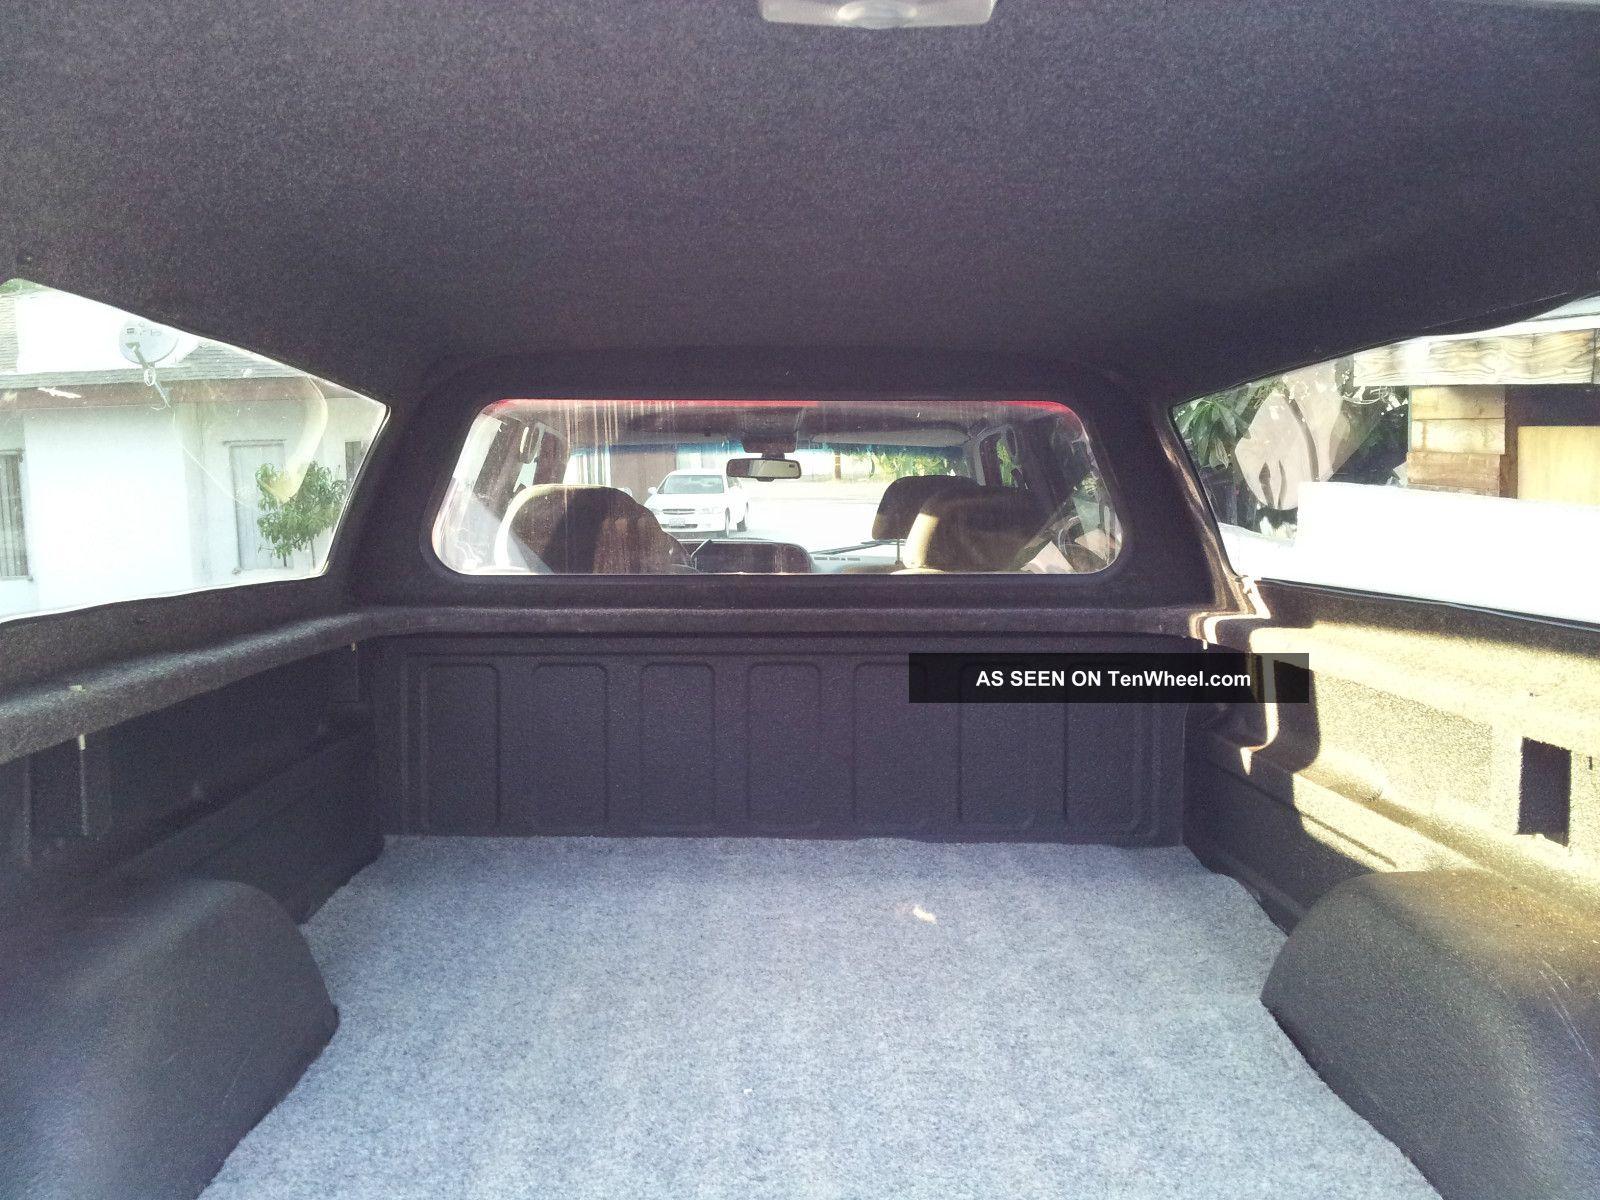 1996 Chevrolet K3500 Silverado Crew Cab Pickup 4 Door 7 4l